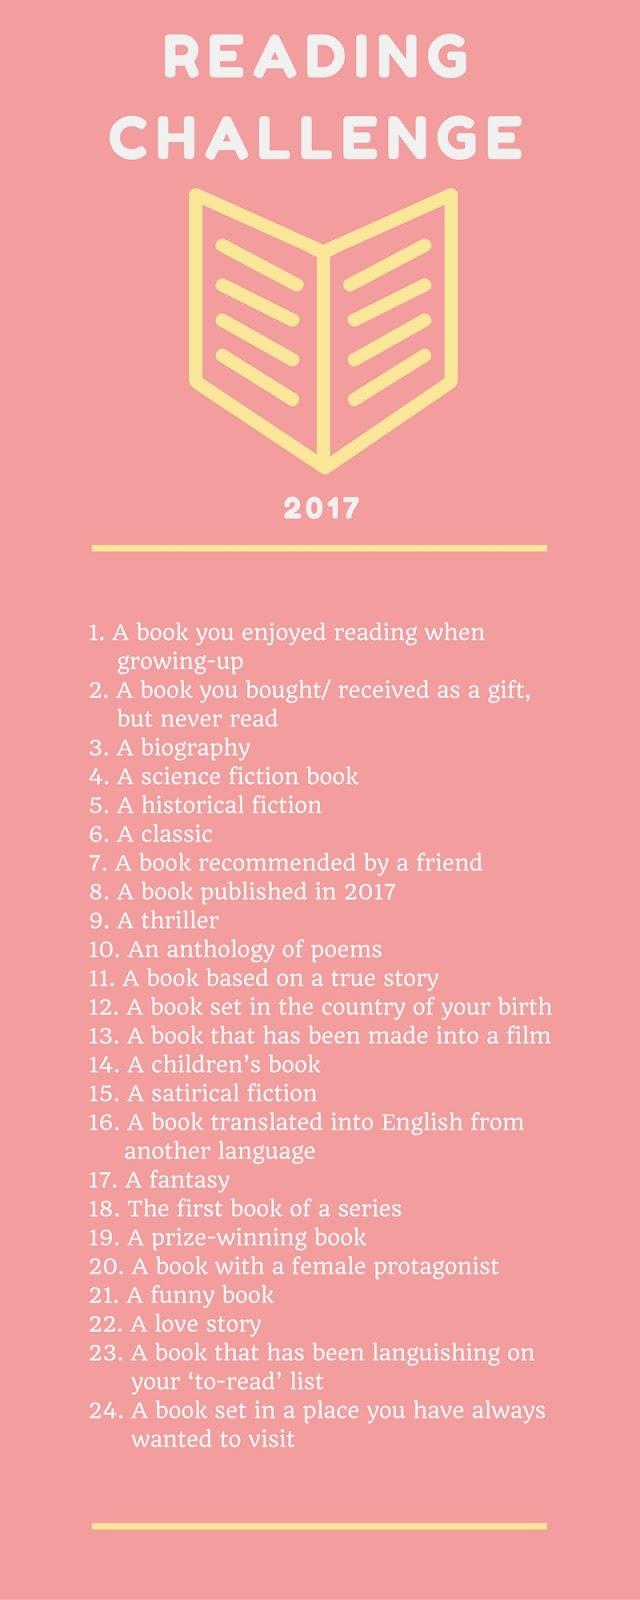 Reading Challenge 2017